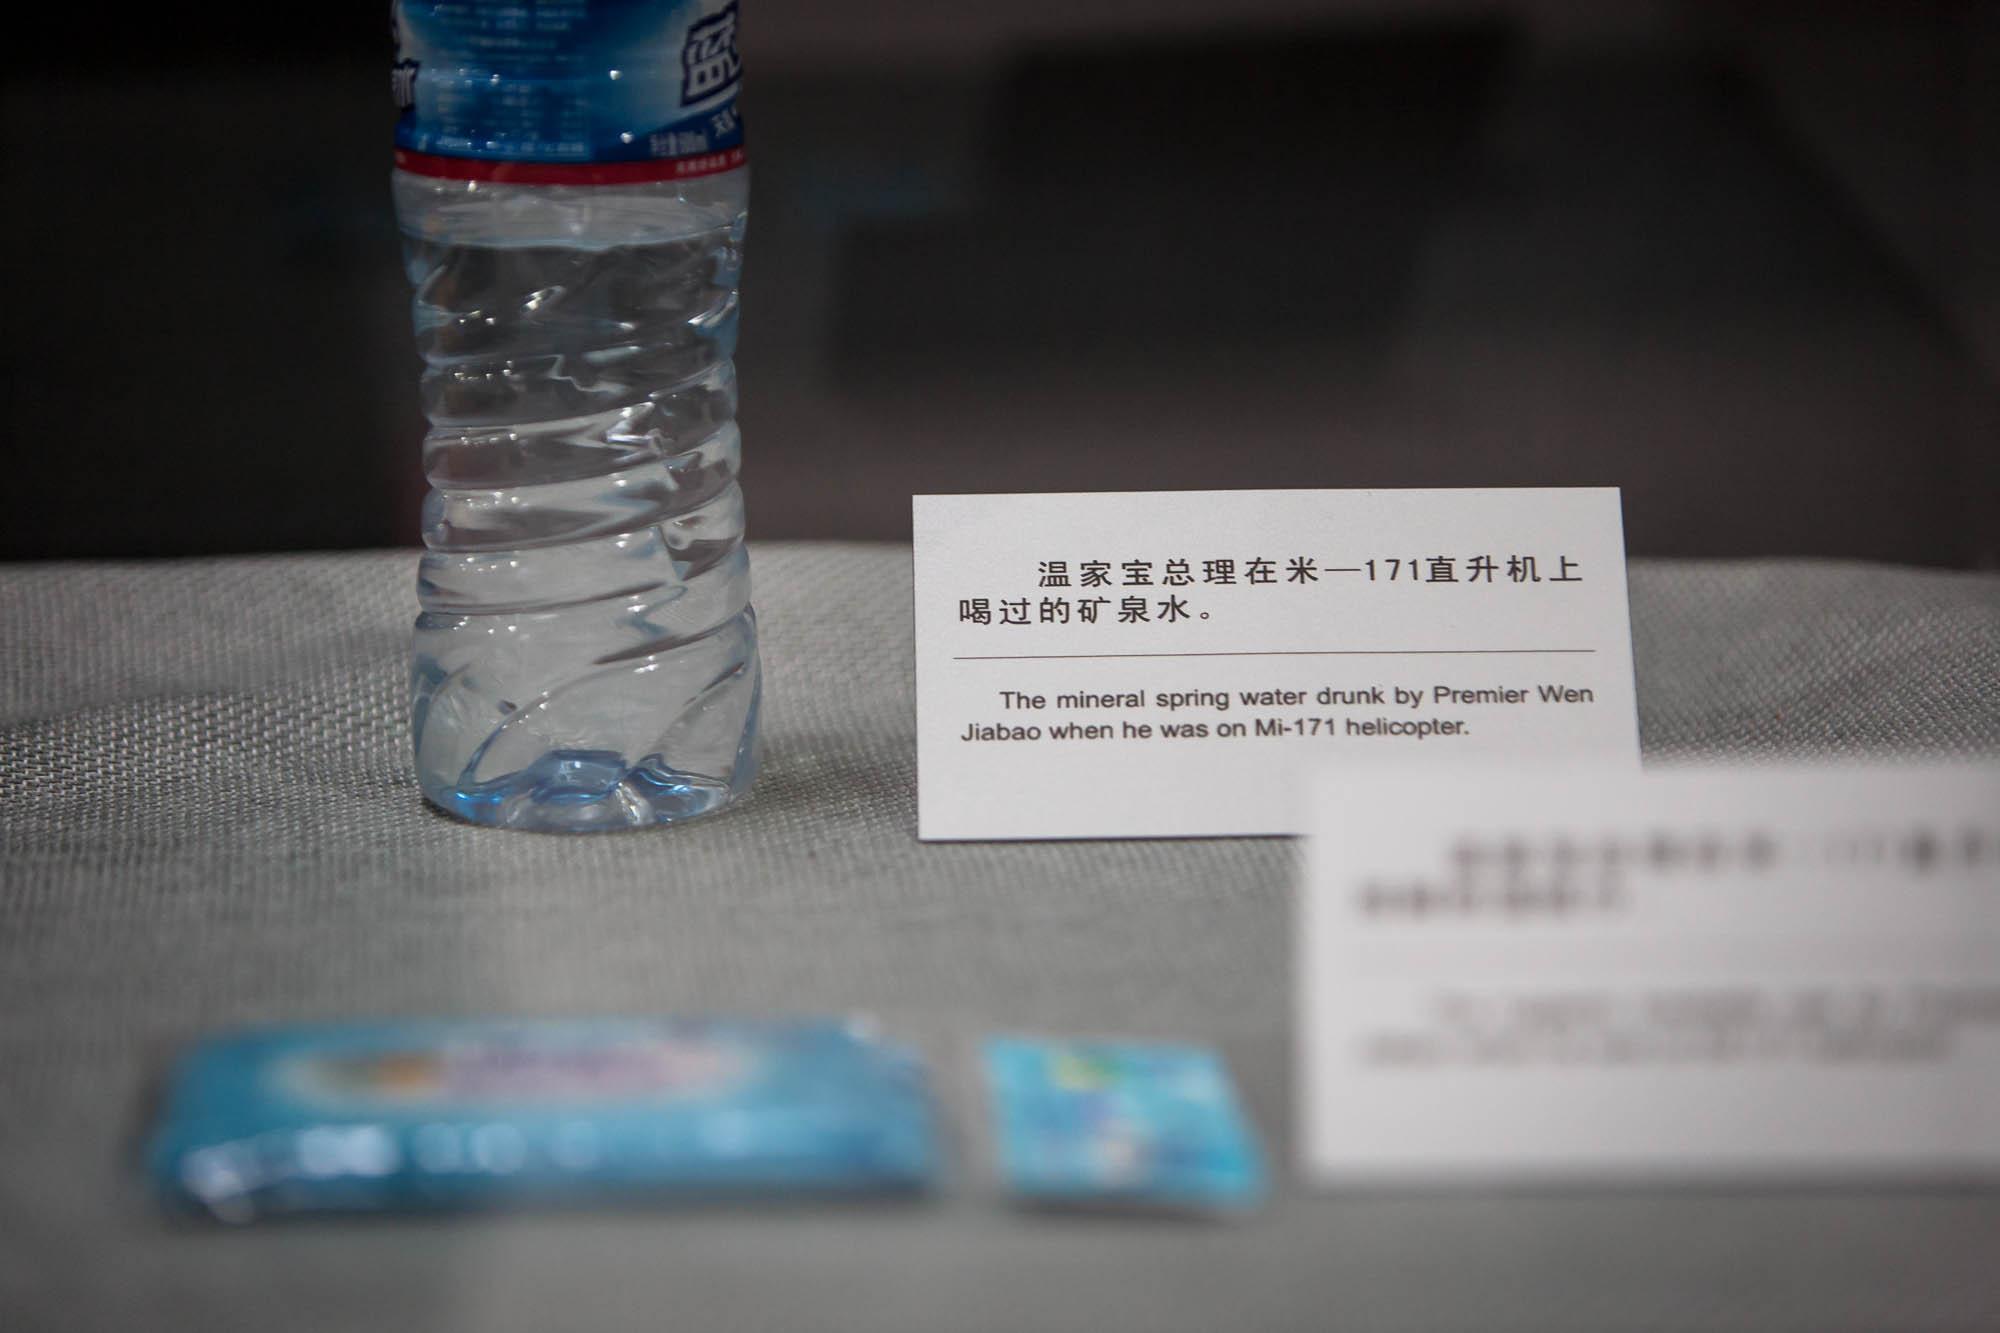 Wen's water